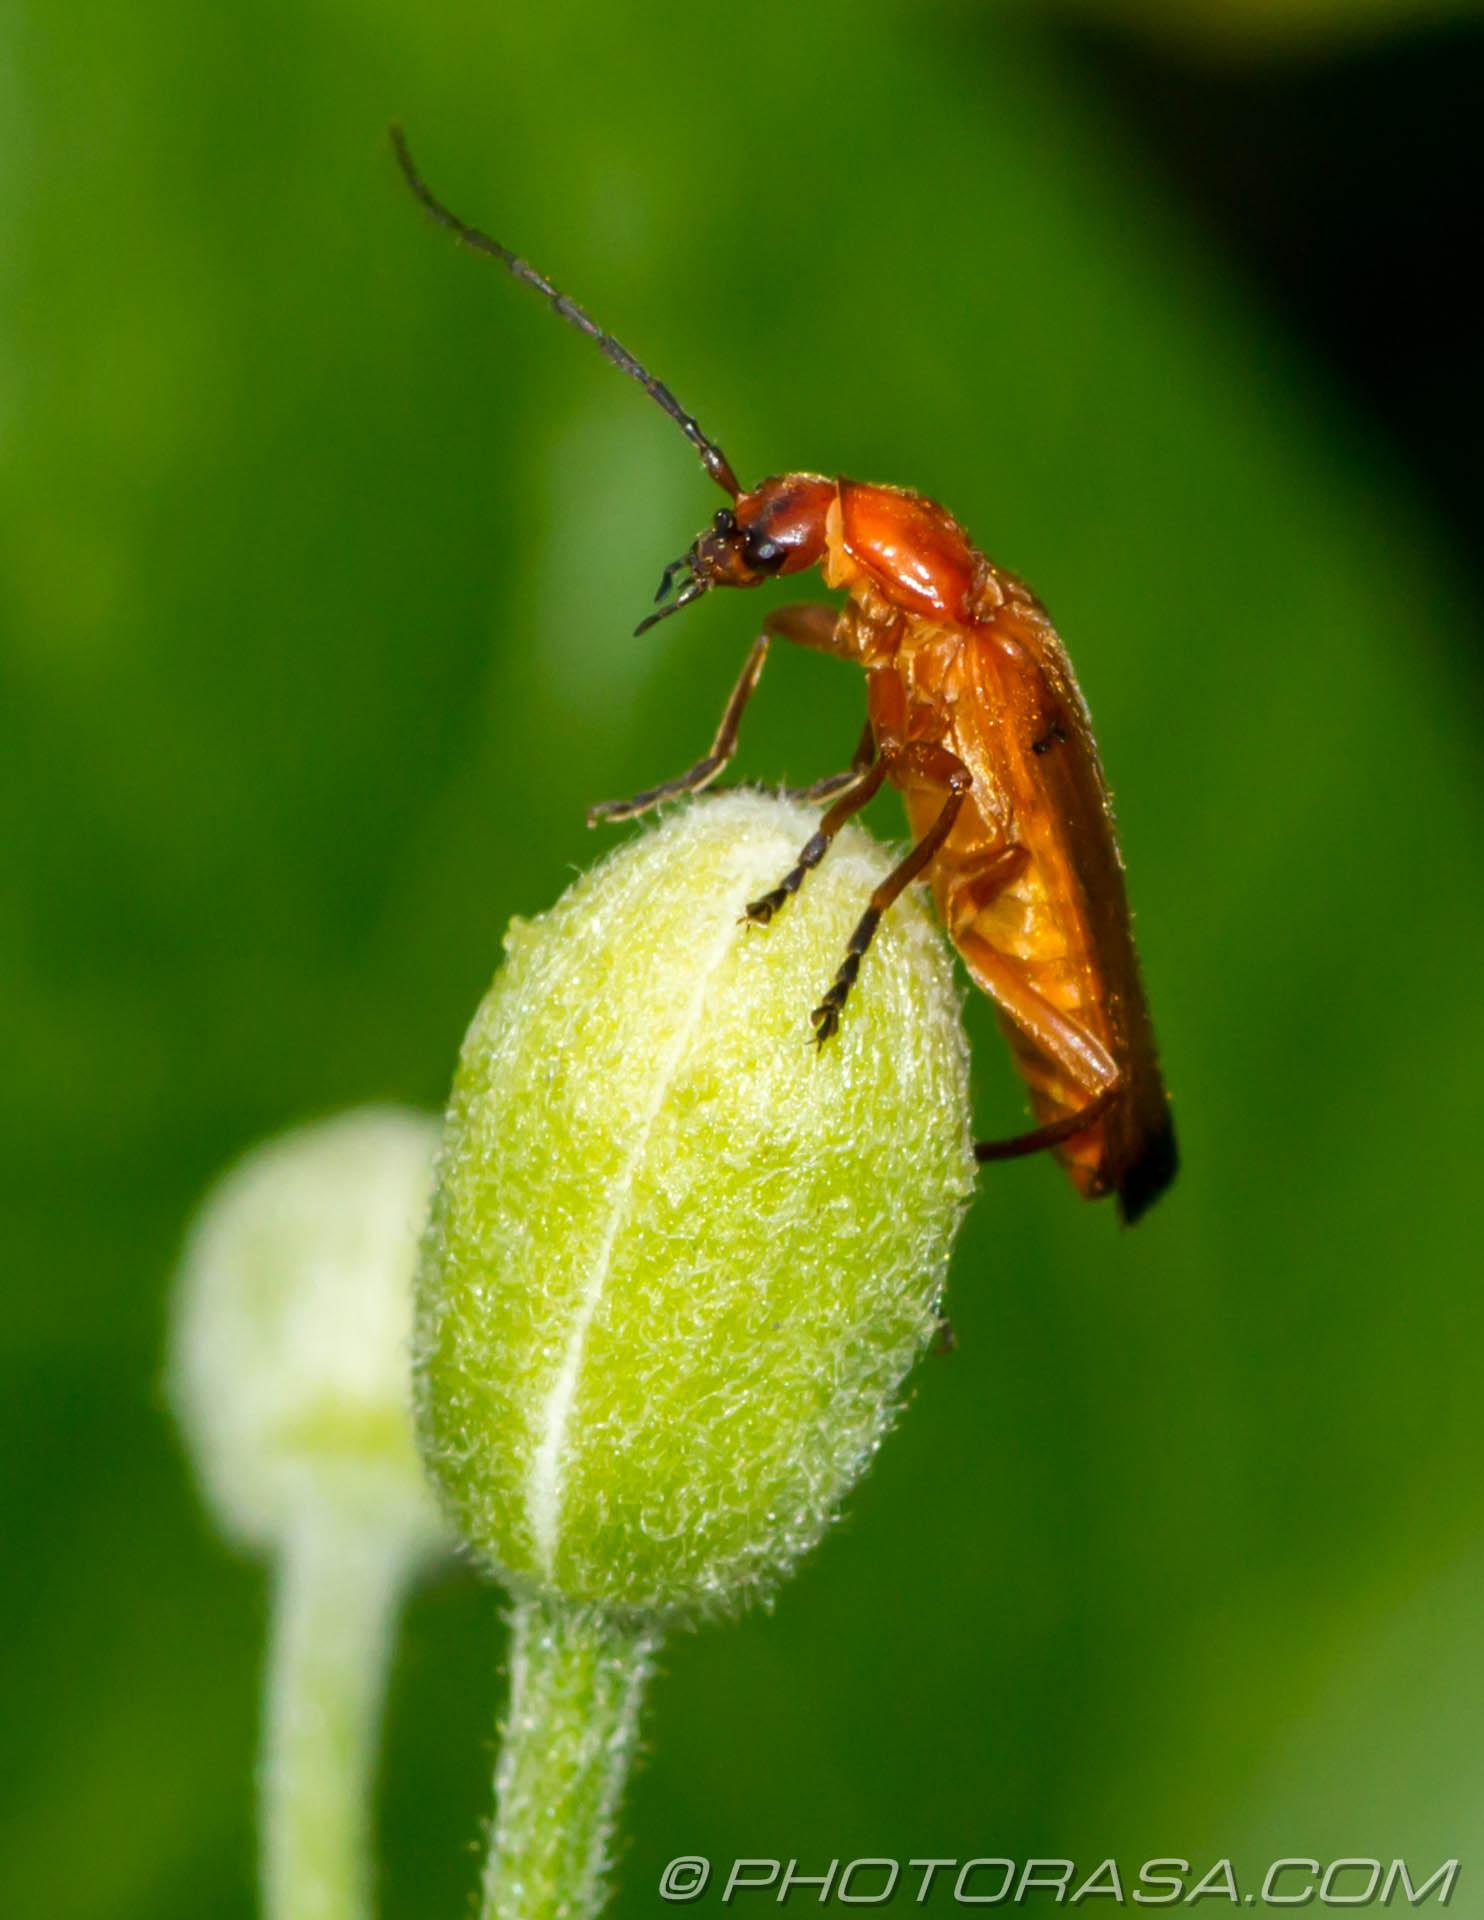 http://photorasa.com/beetles/soldier-beetle/